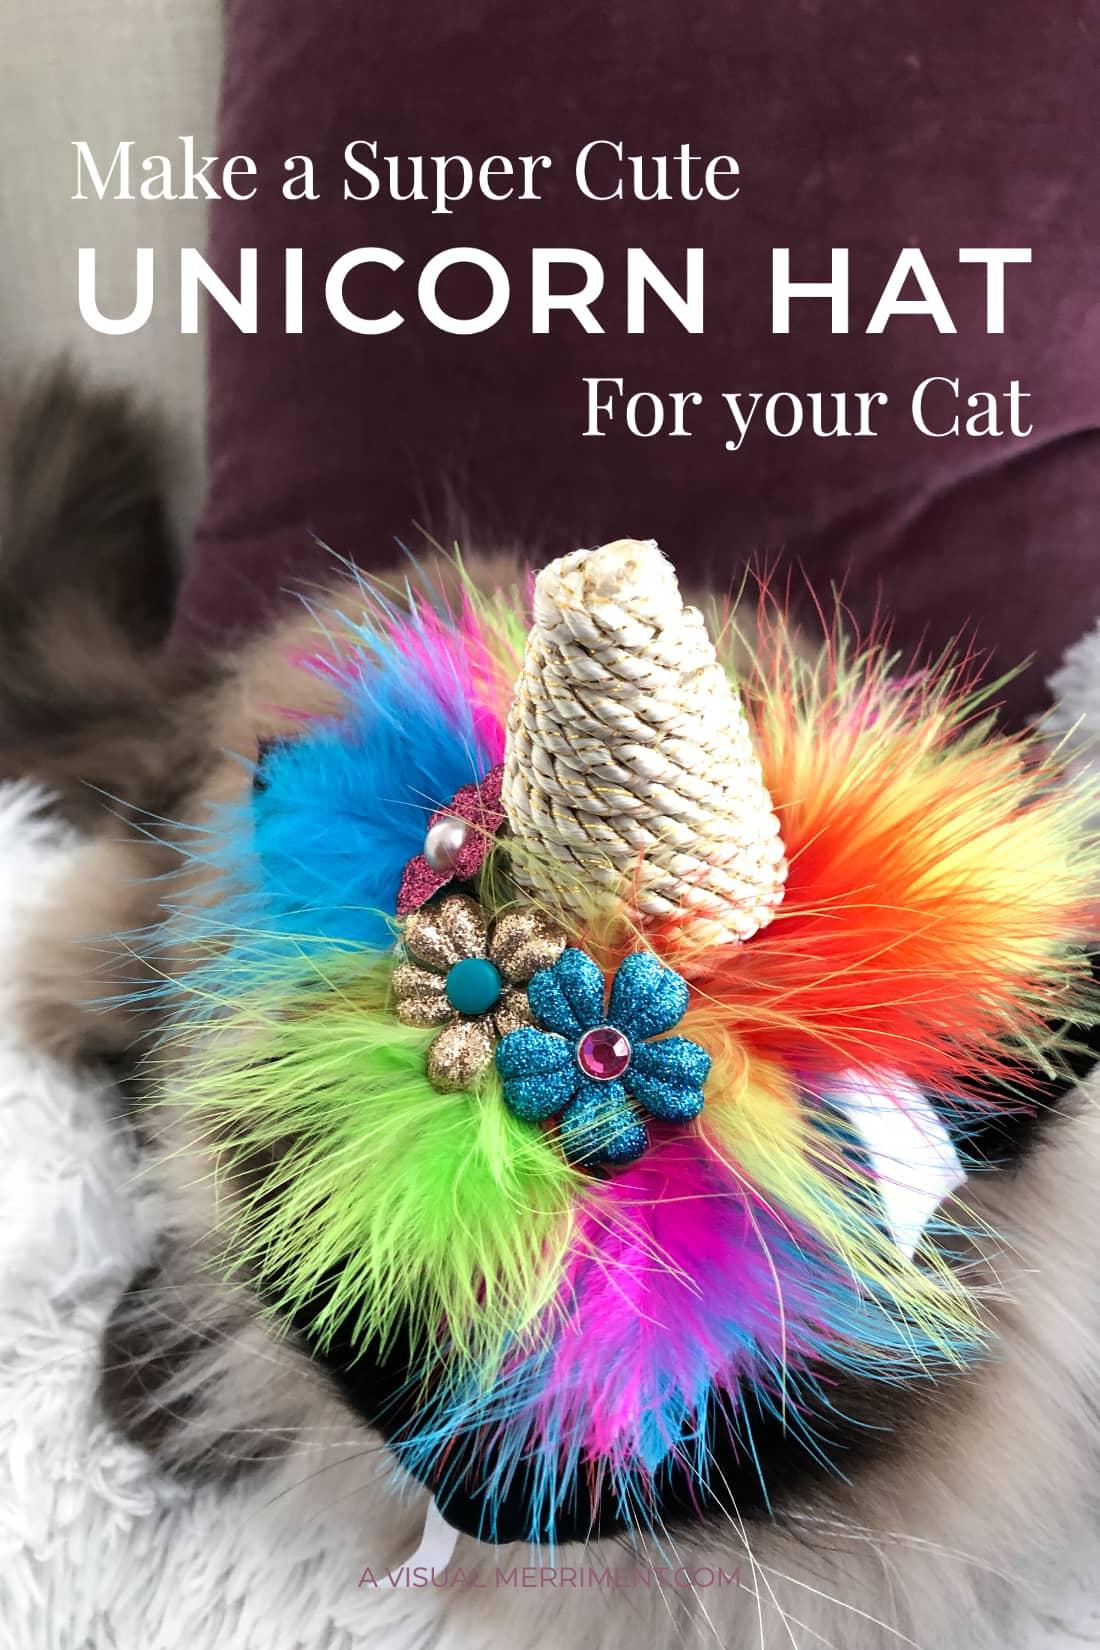 hero image of cat wearing unicorn halloween costume